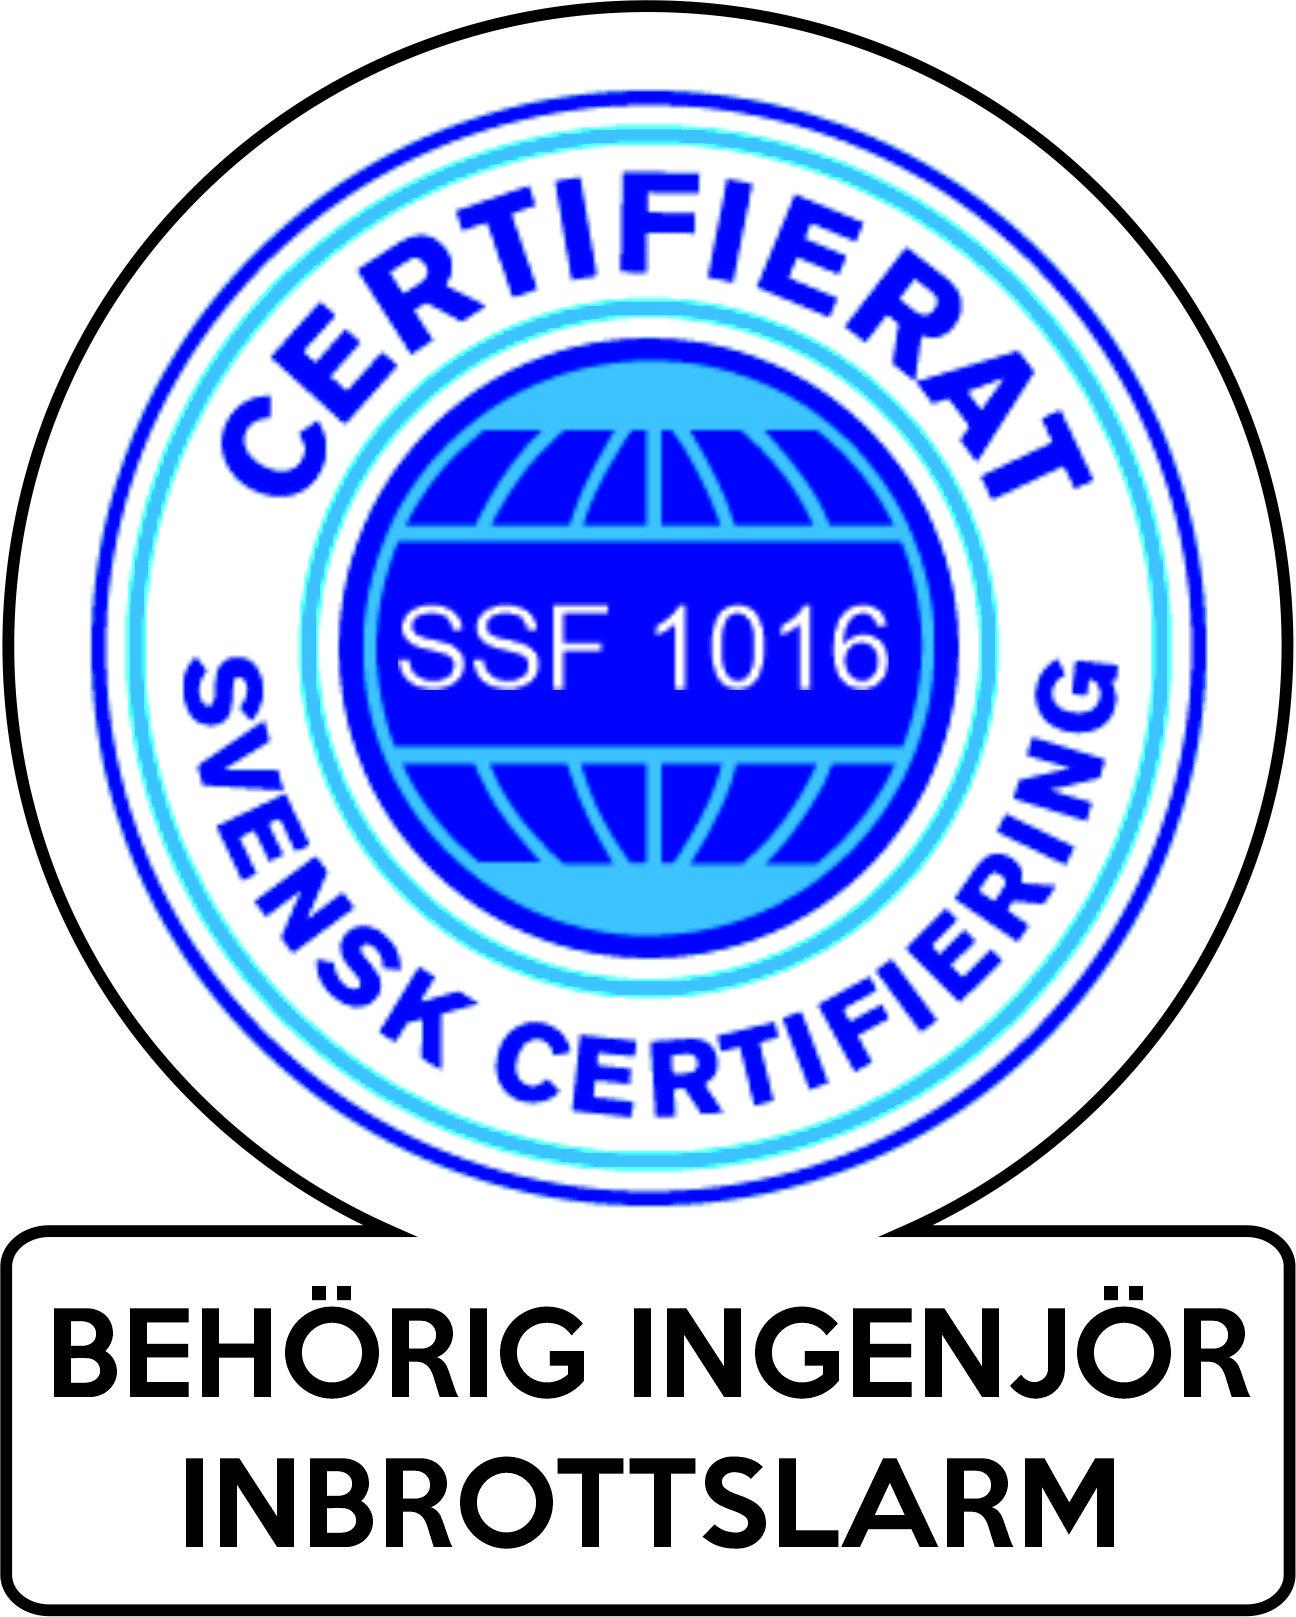 SCAB_1016_Behörig Ingenjör_Inbrottslarm_larmspecialisten_2